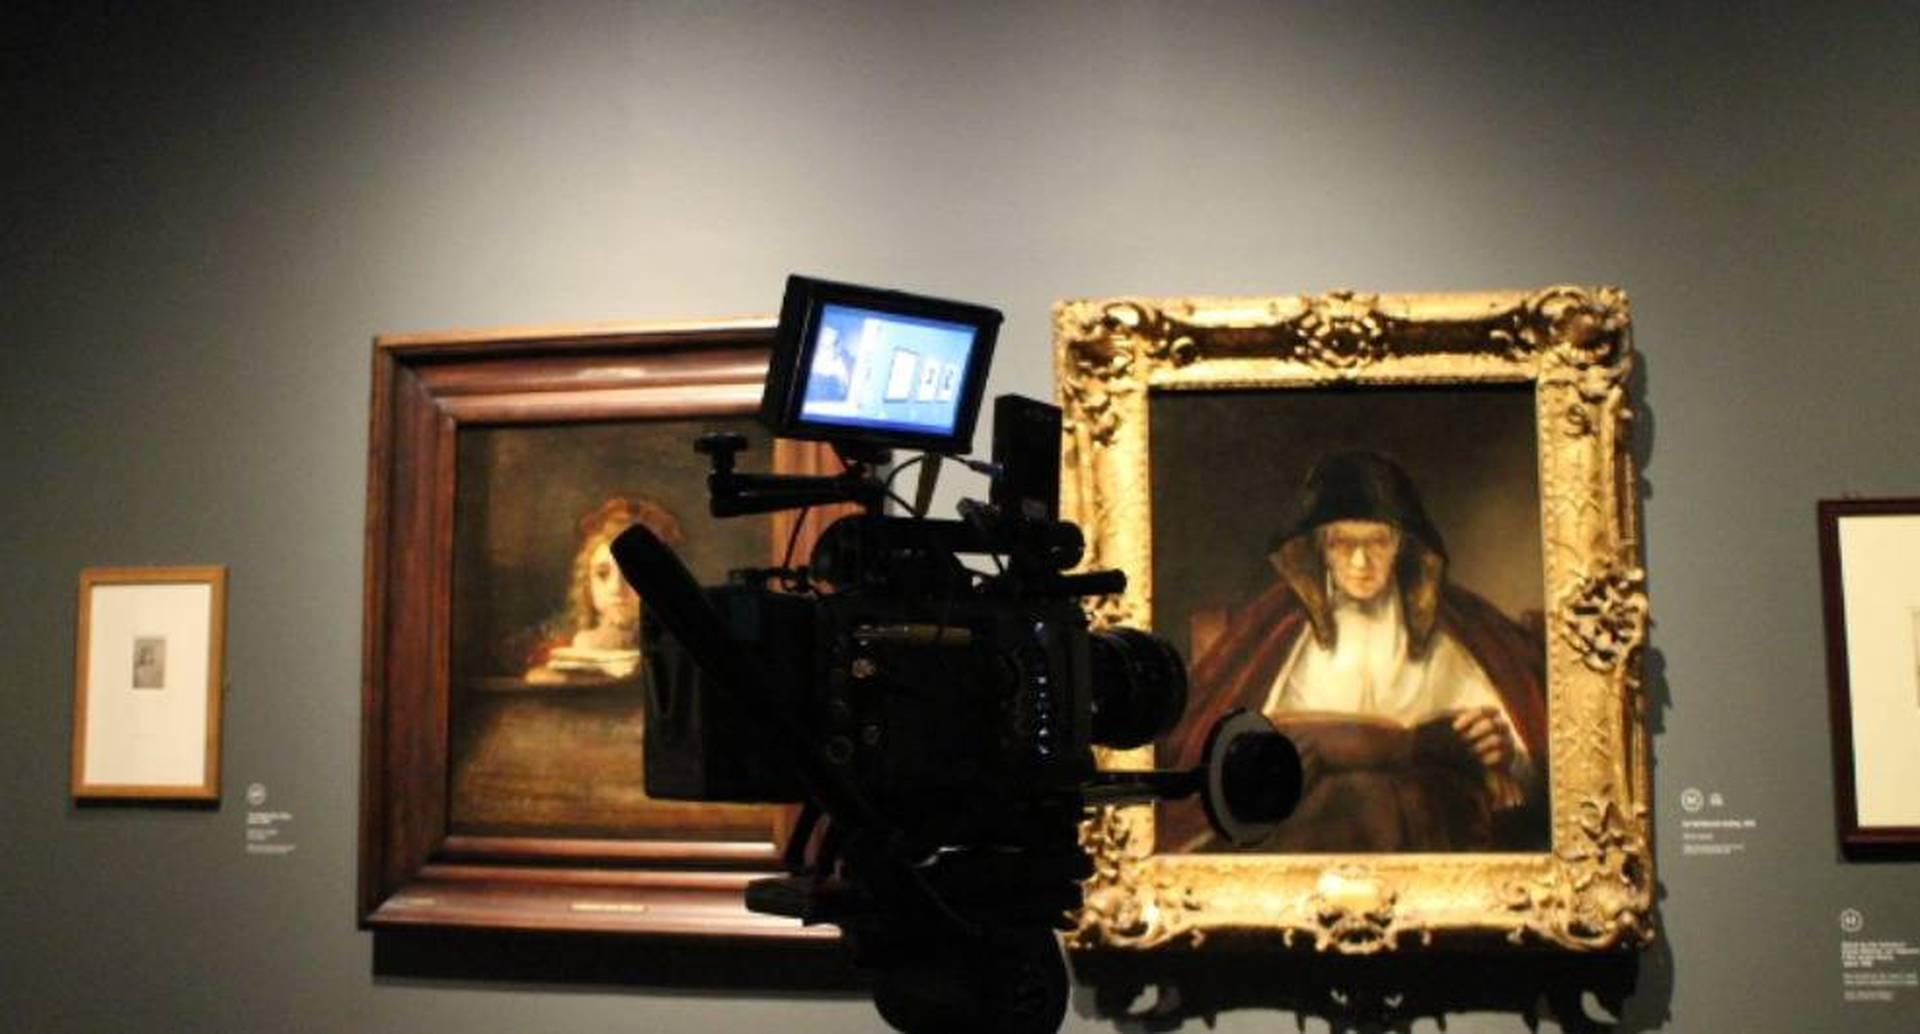 """Grabación de """"Una mujer vieja leyendo"""" (1655) de Rembrandt. Cortesía Exhibition On Screen."""